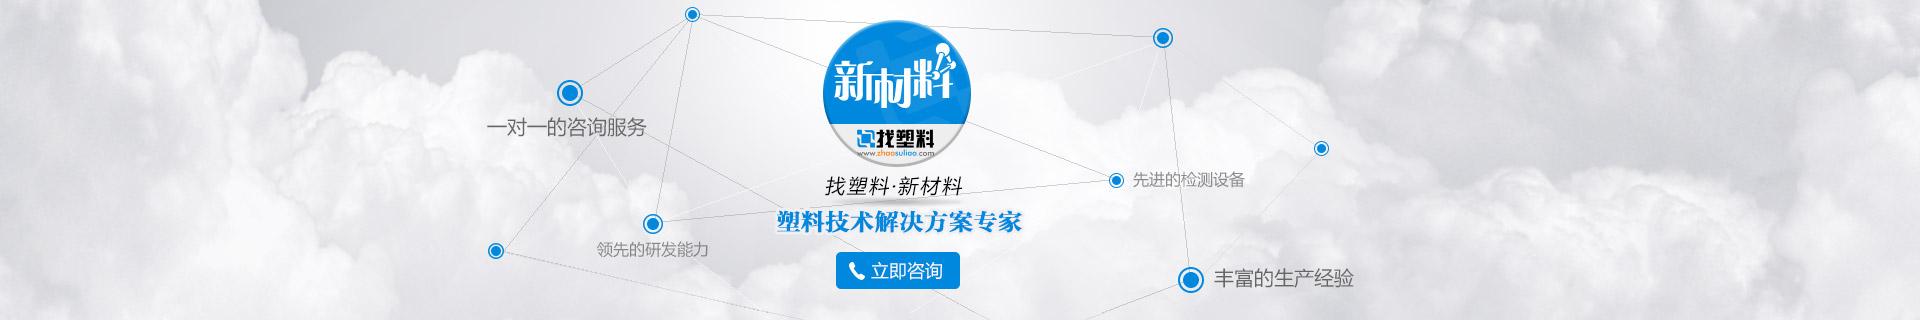 找lehu6.vip乐虎国际新材料 lehu6.vip乐虎国际技术解决方案专家